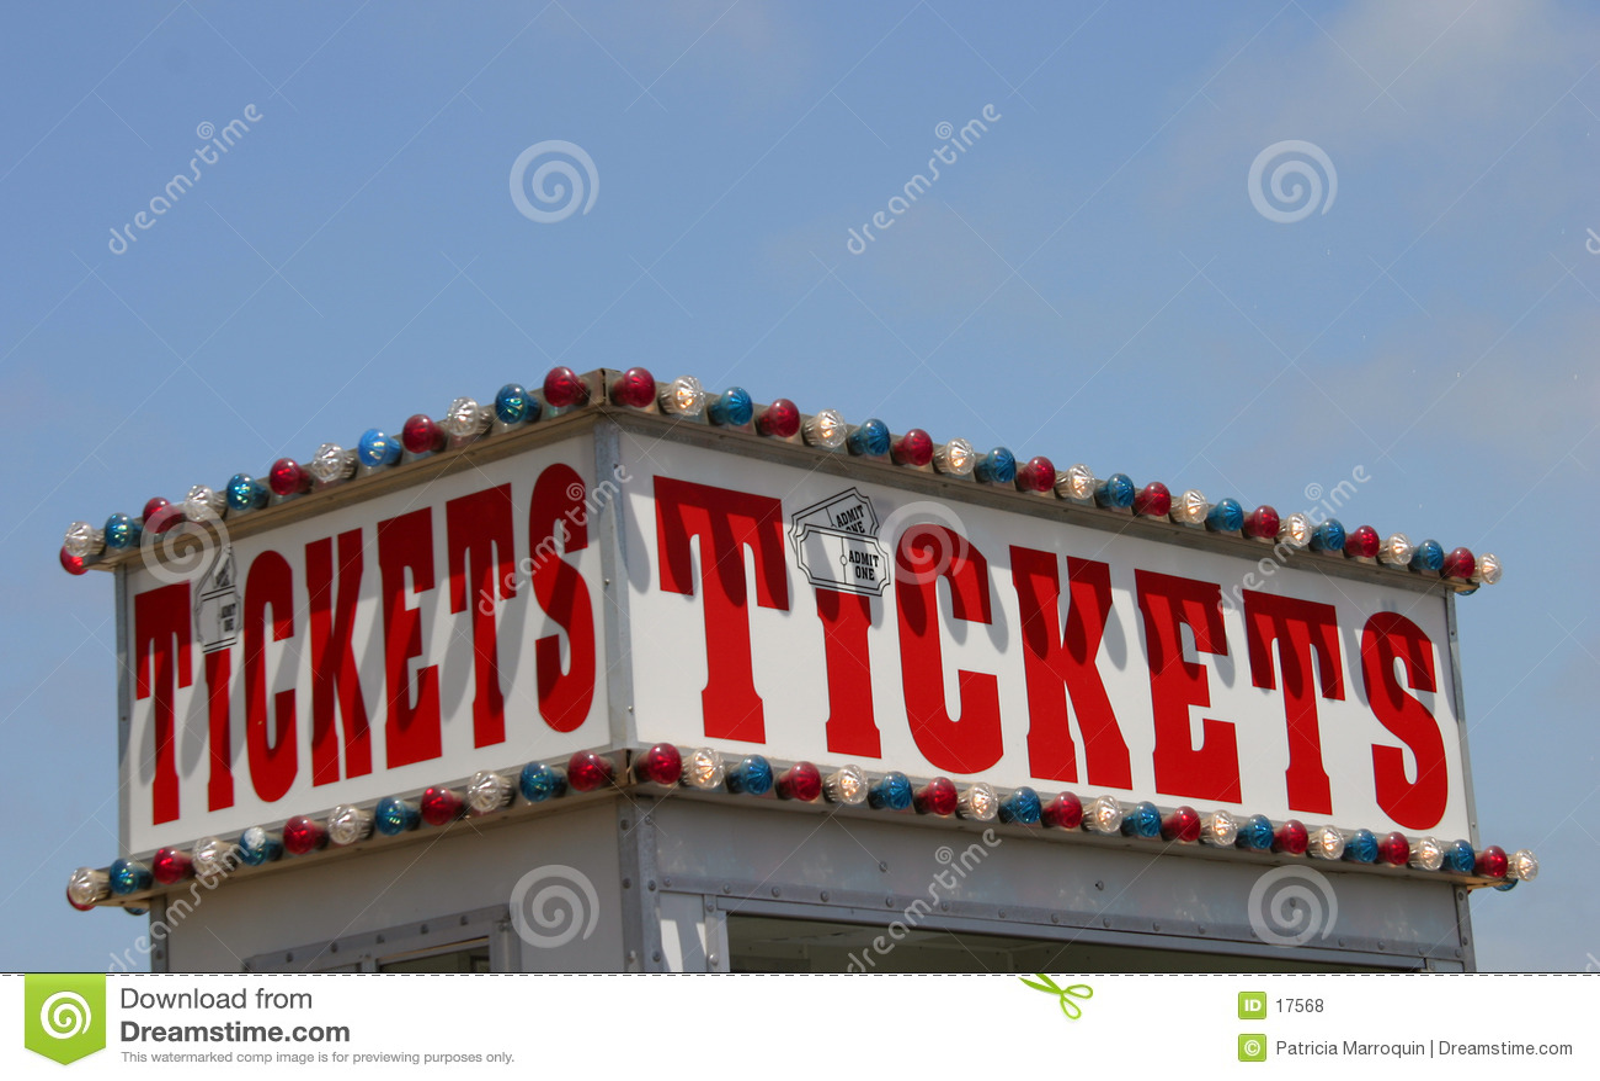 Consiga sus boletos aquí